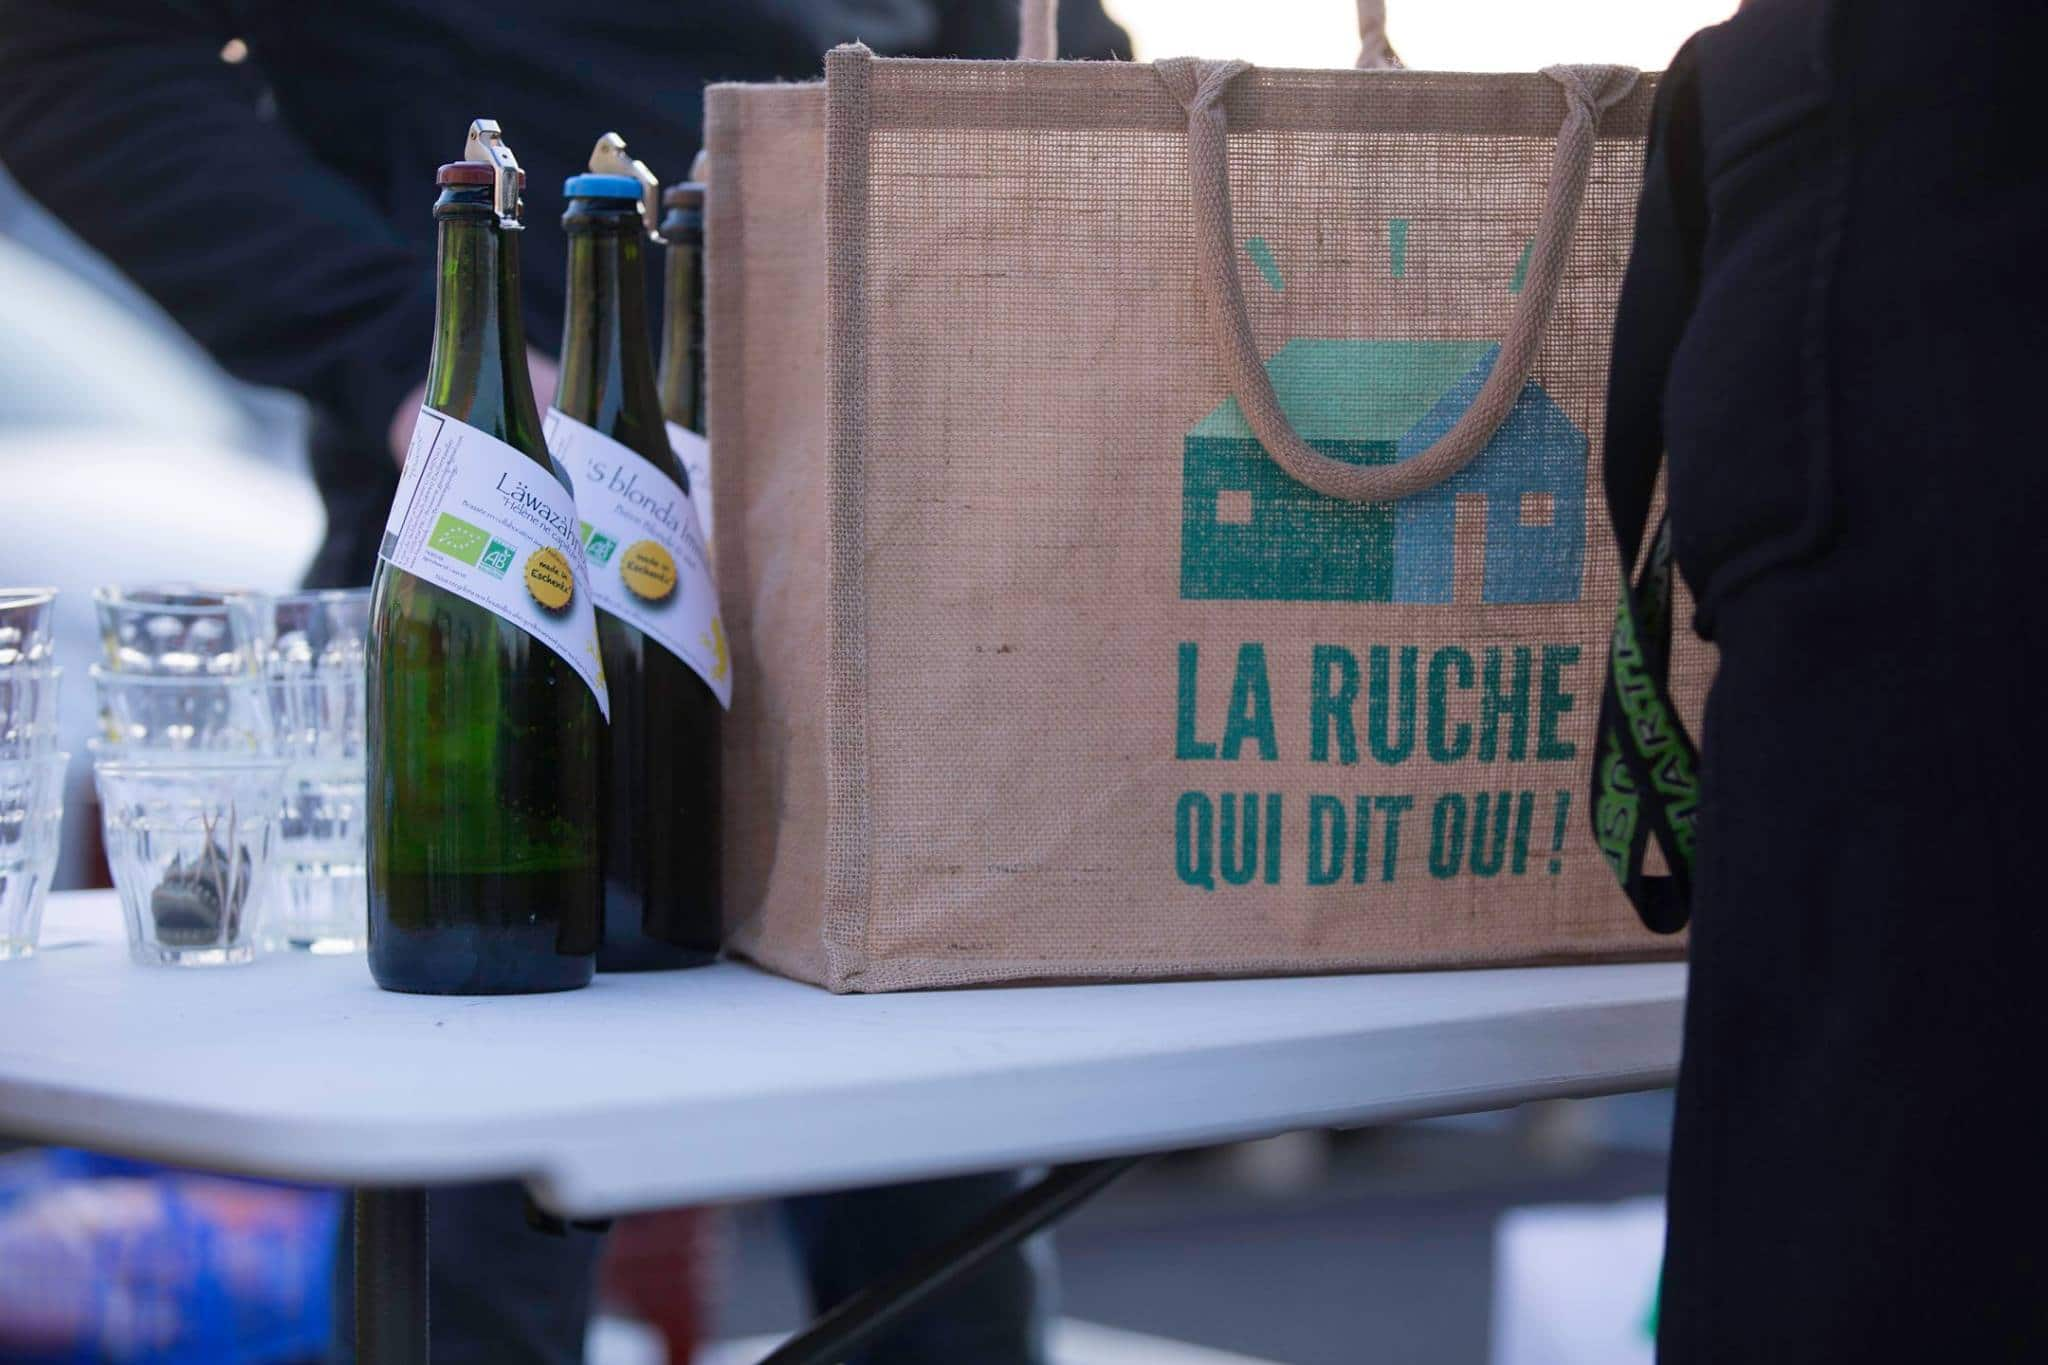 http://www.chiconchoc.fr/wp-content/uploads/2016/04/Course-La-Ruche-qui-dit-oui-consommer-local-chicon-choc-blog-de-bonnes-adresses-lilloises.jpg